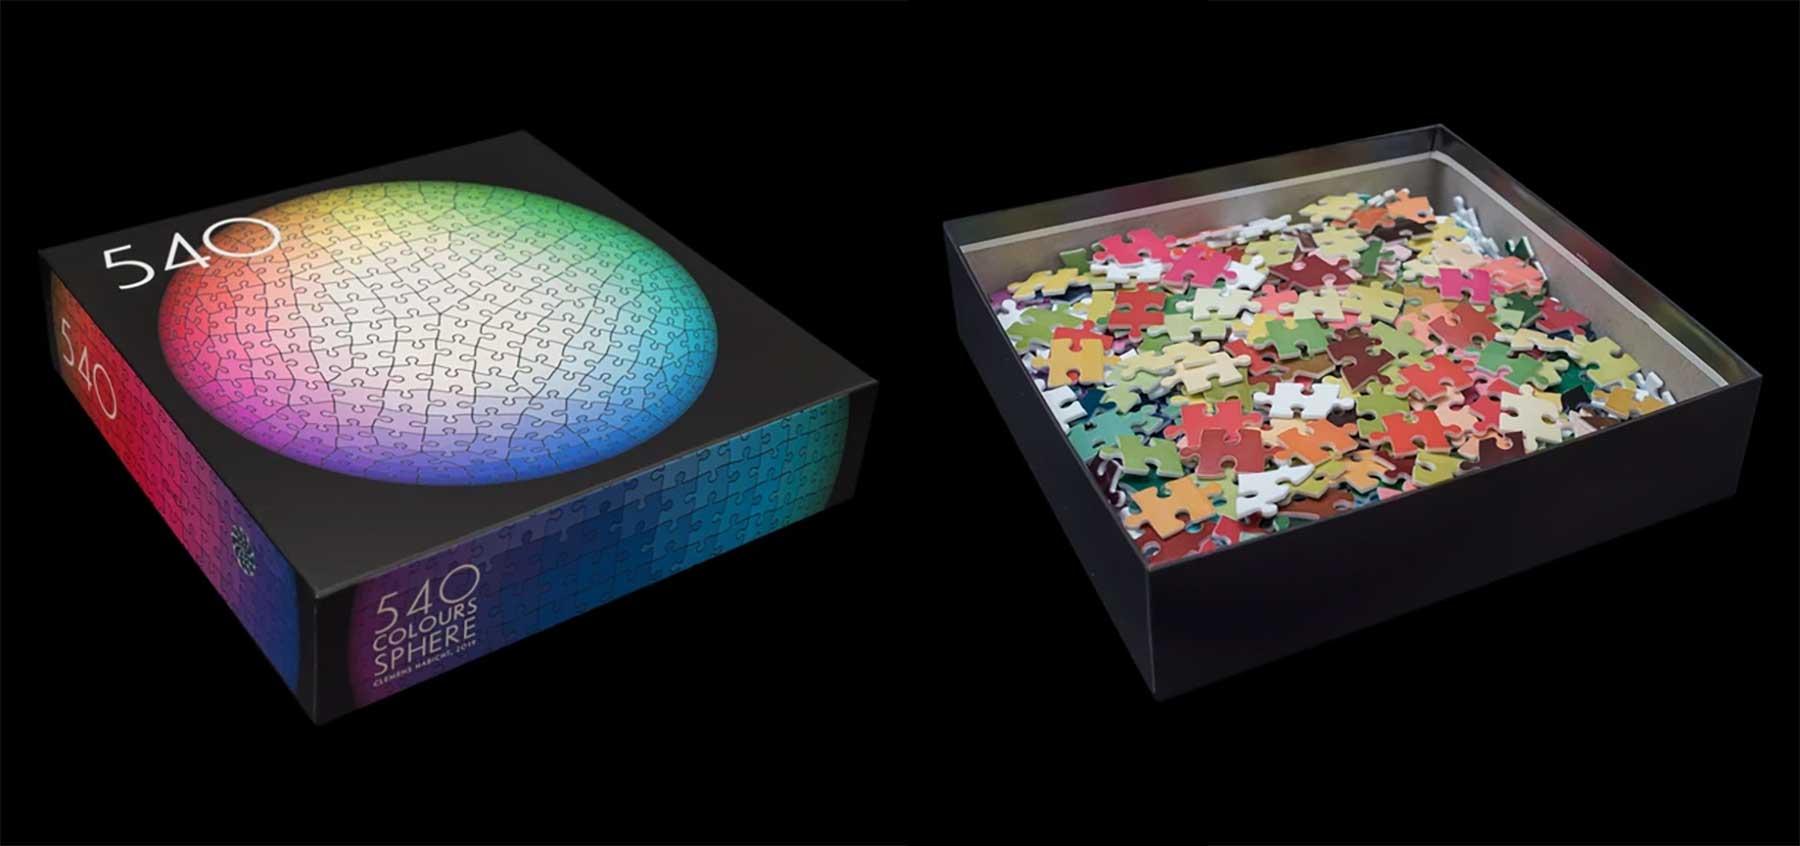 Farbverlauf-3D-Kugel-Puzzle von Clemens Habicht 540-farben-3d-kugel-puzzle-von-Clemens-Habicht_03